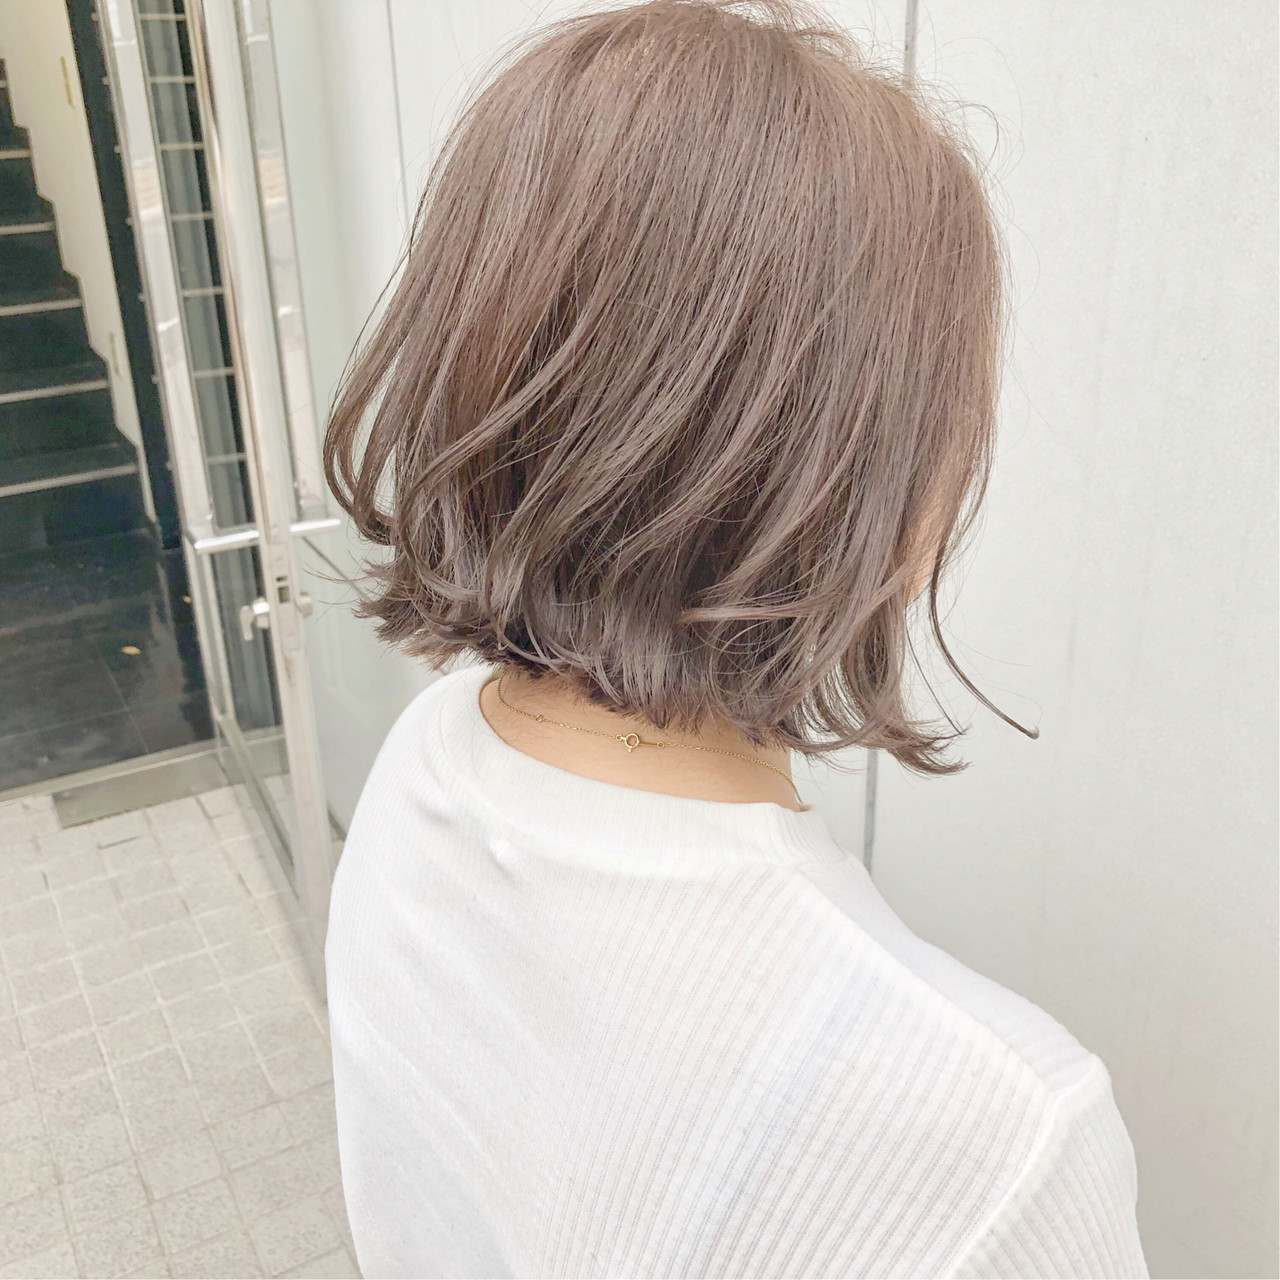 デート オフィス ボブ ヘアアレンジヘアスタイルや髪型の写真・画像